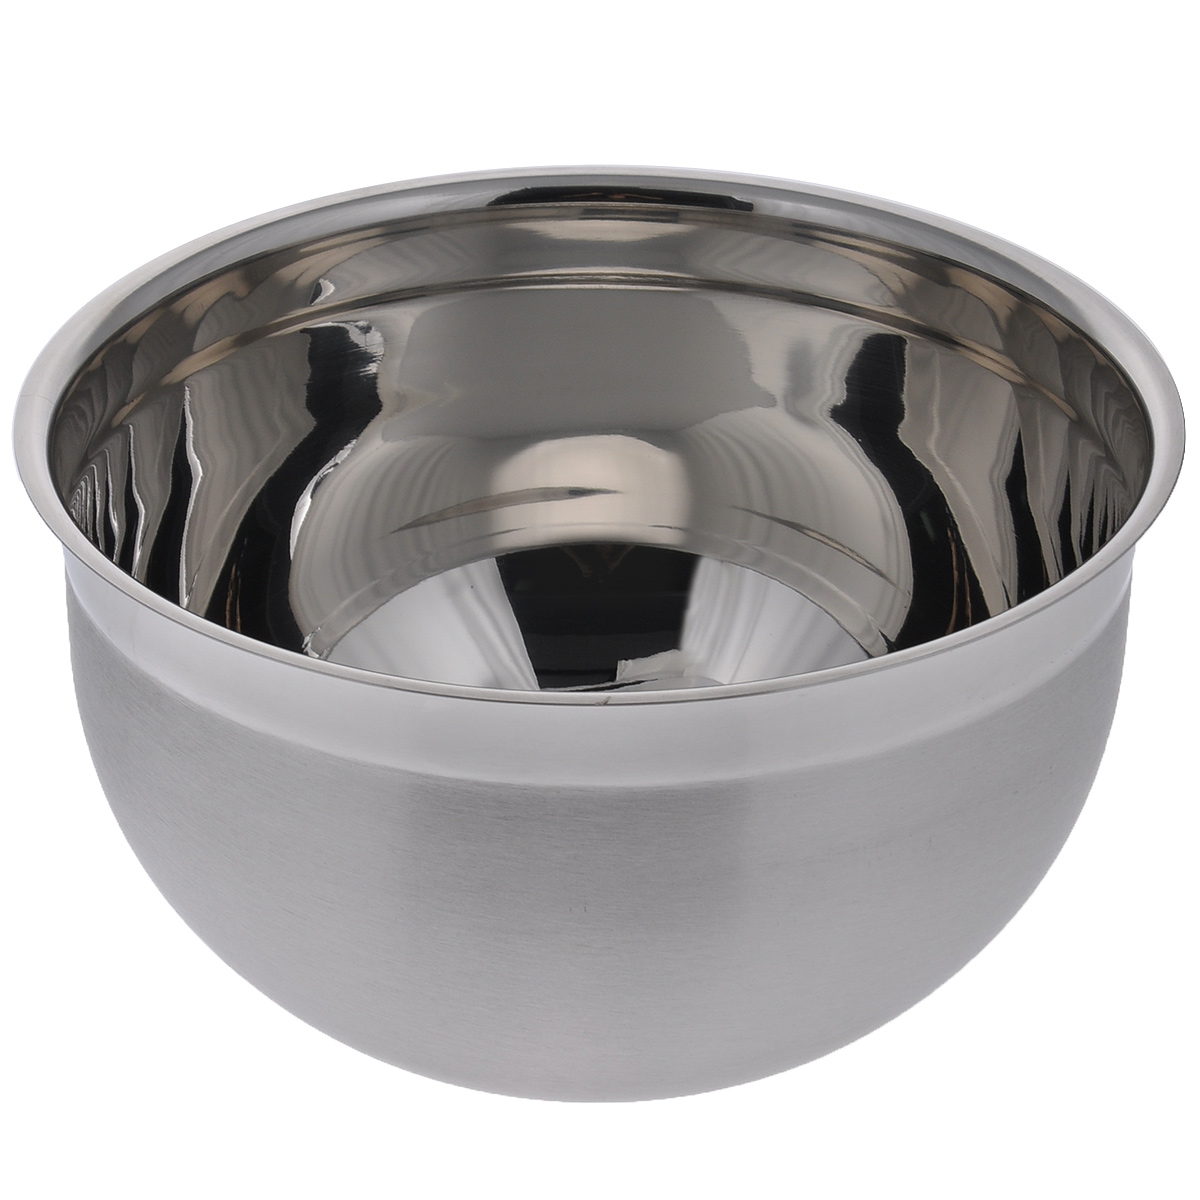 Миска Tescoma Delicia, диаметр 28 см115510Миска Tescoma Delicia, изготовленная из высококачественной нержавеющей стали, просто незаменимая вещь на кухне любой современной хозяйки. С ней приготовление и употребление пищи переходит на качественно новый уровень. Вы сможете использовать ее для замешивания теста, приготовления салата, мытья овощей и многих других кулинарных операций.Можно мыть в посудомоечной машине.